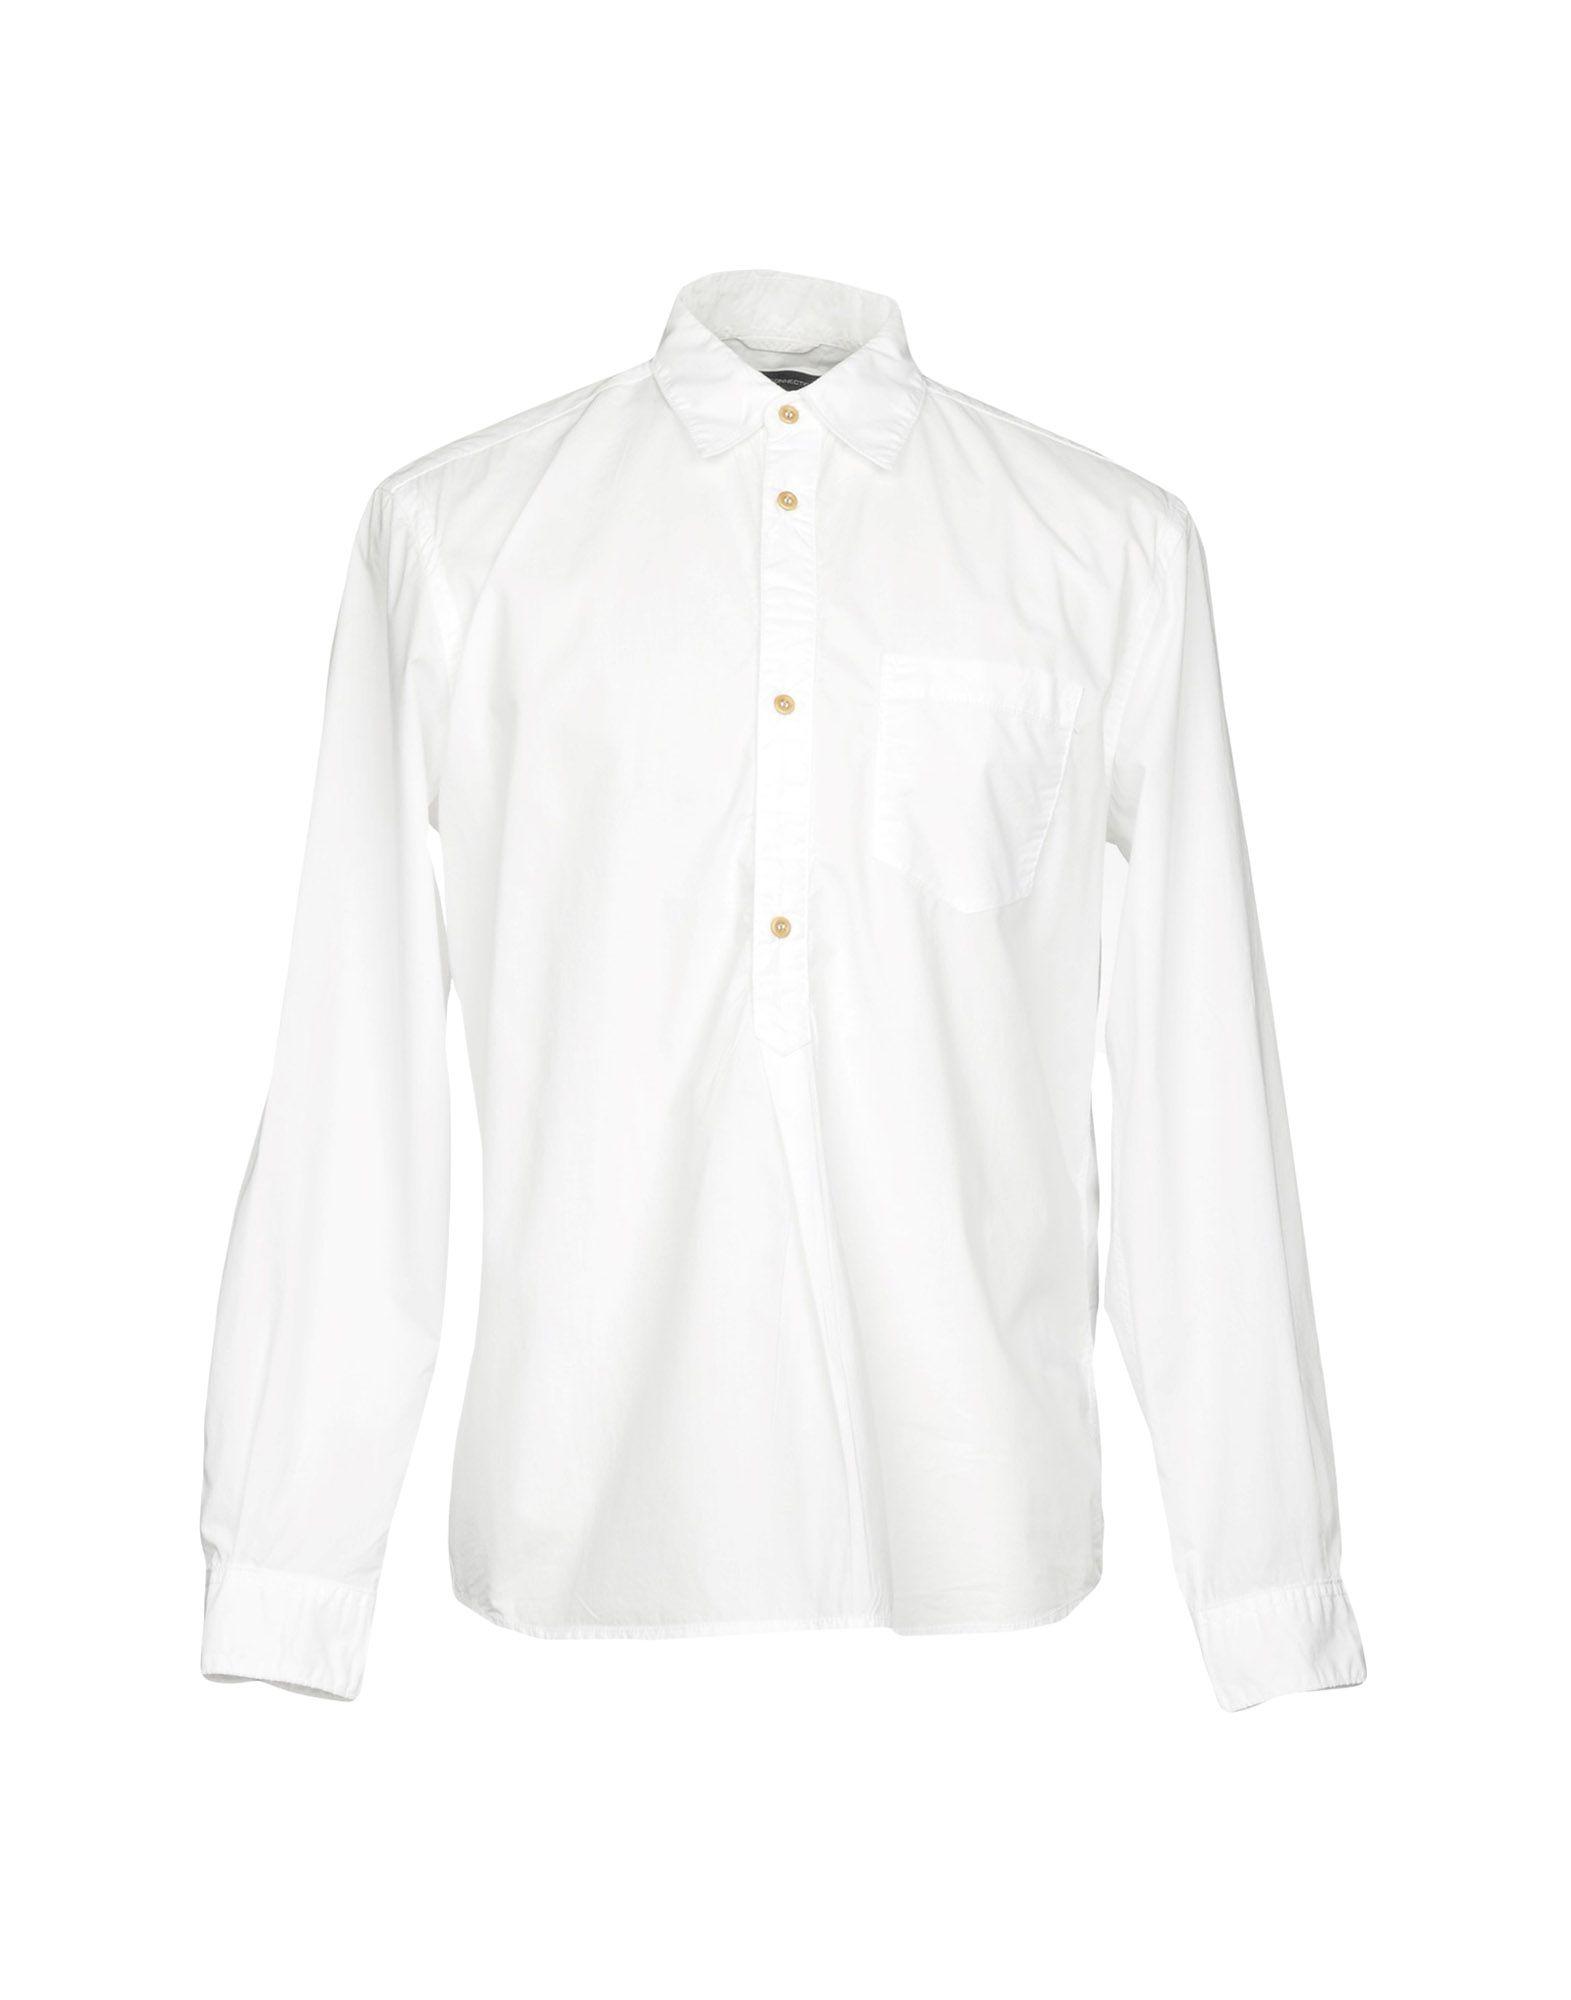 《送料無料》FRENCH CONNECTION メンズ シャツ ホワイト M コットン 100%